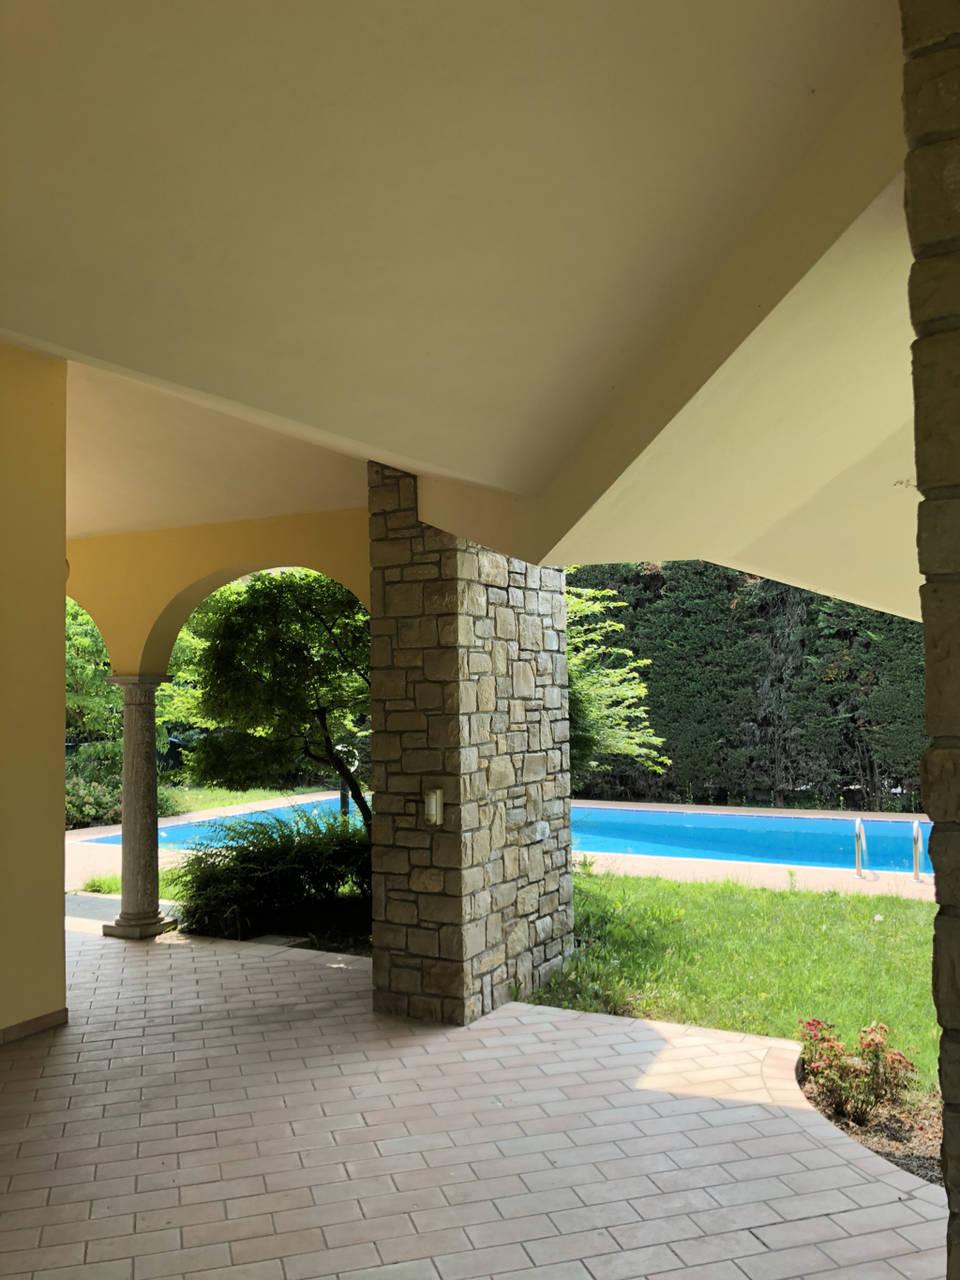 Villa-con-piscina-in-vendita-a-Mezzago-in-Brianza-6